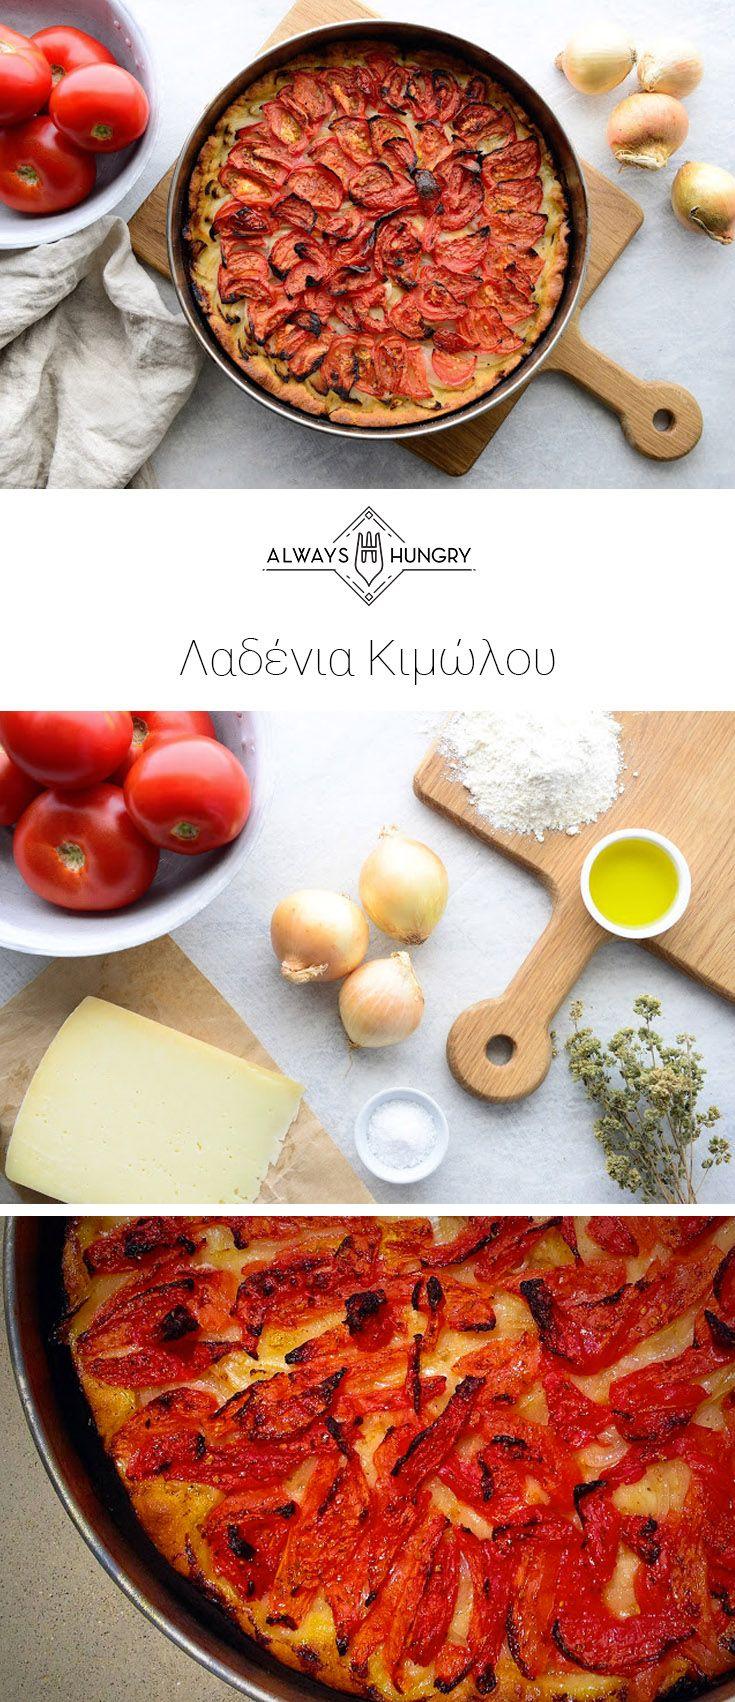 Λαδένια Κιμώλου | Συνταγή